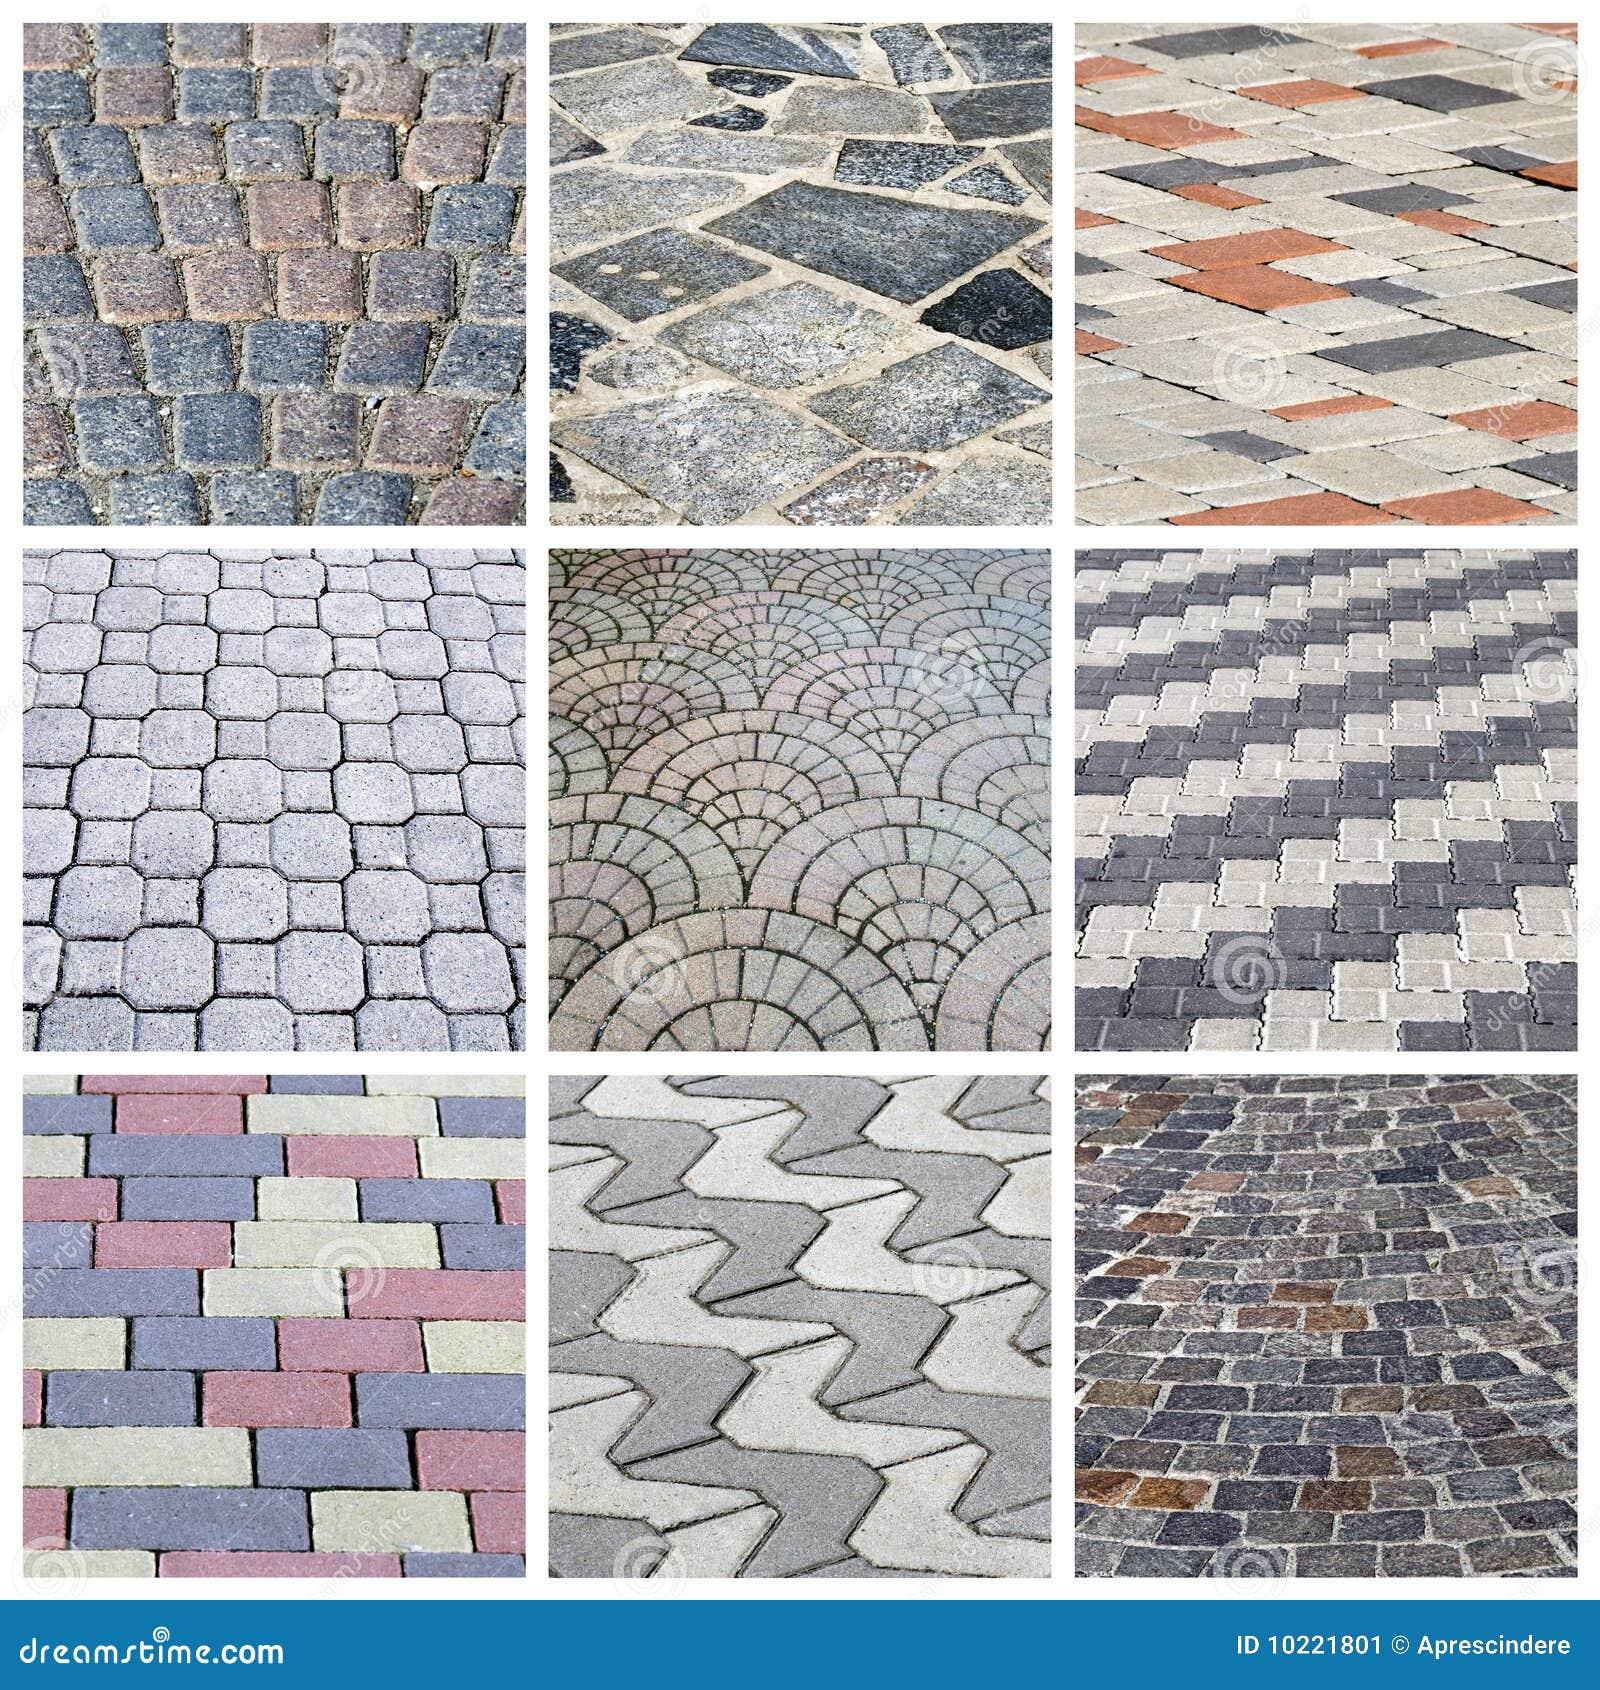 Italian cobbleston - collage